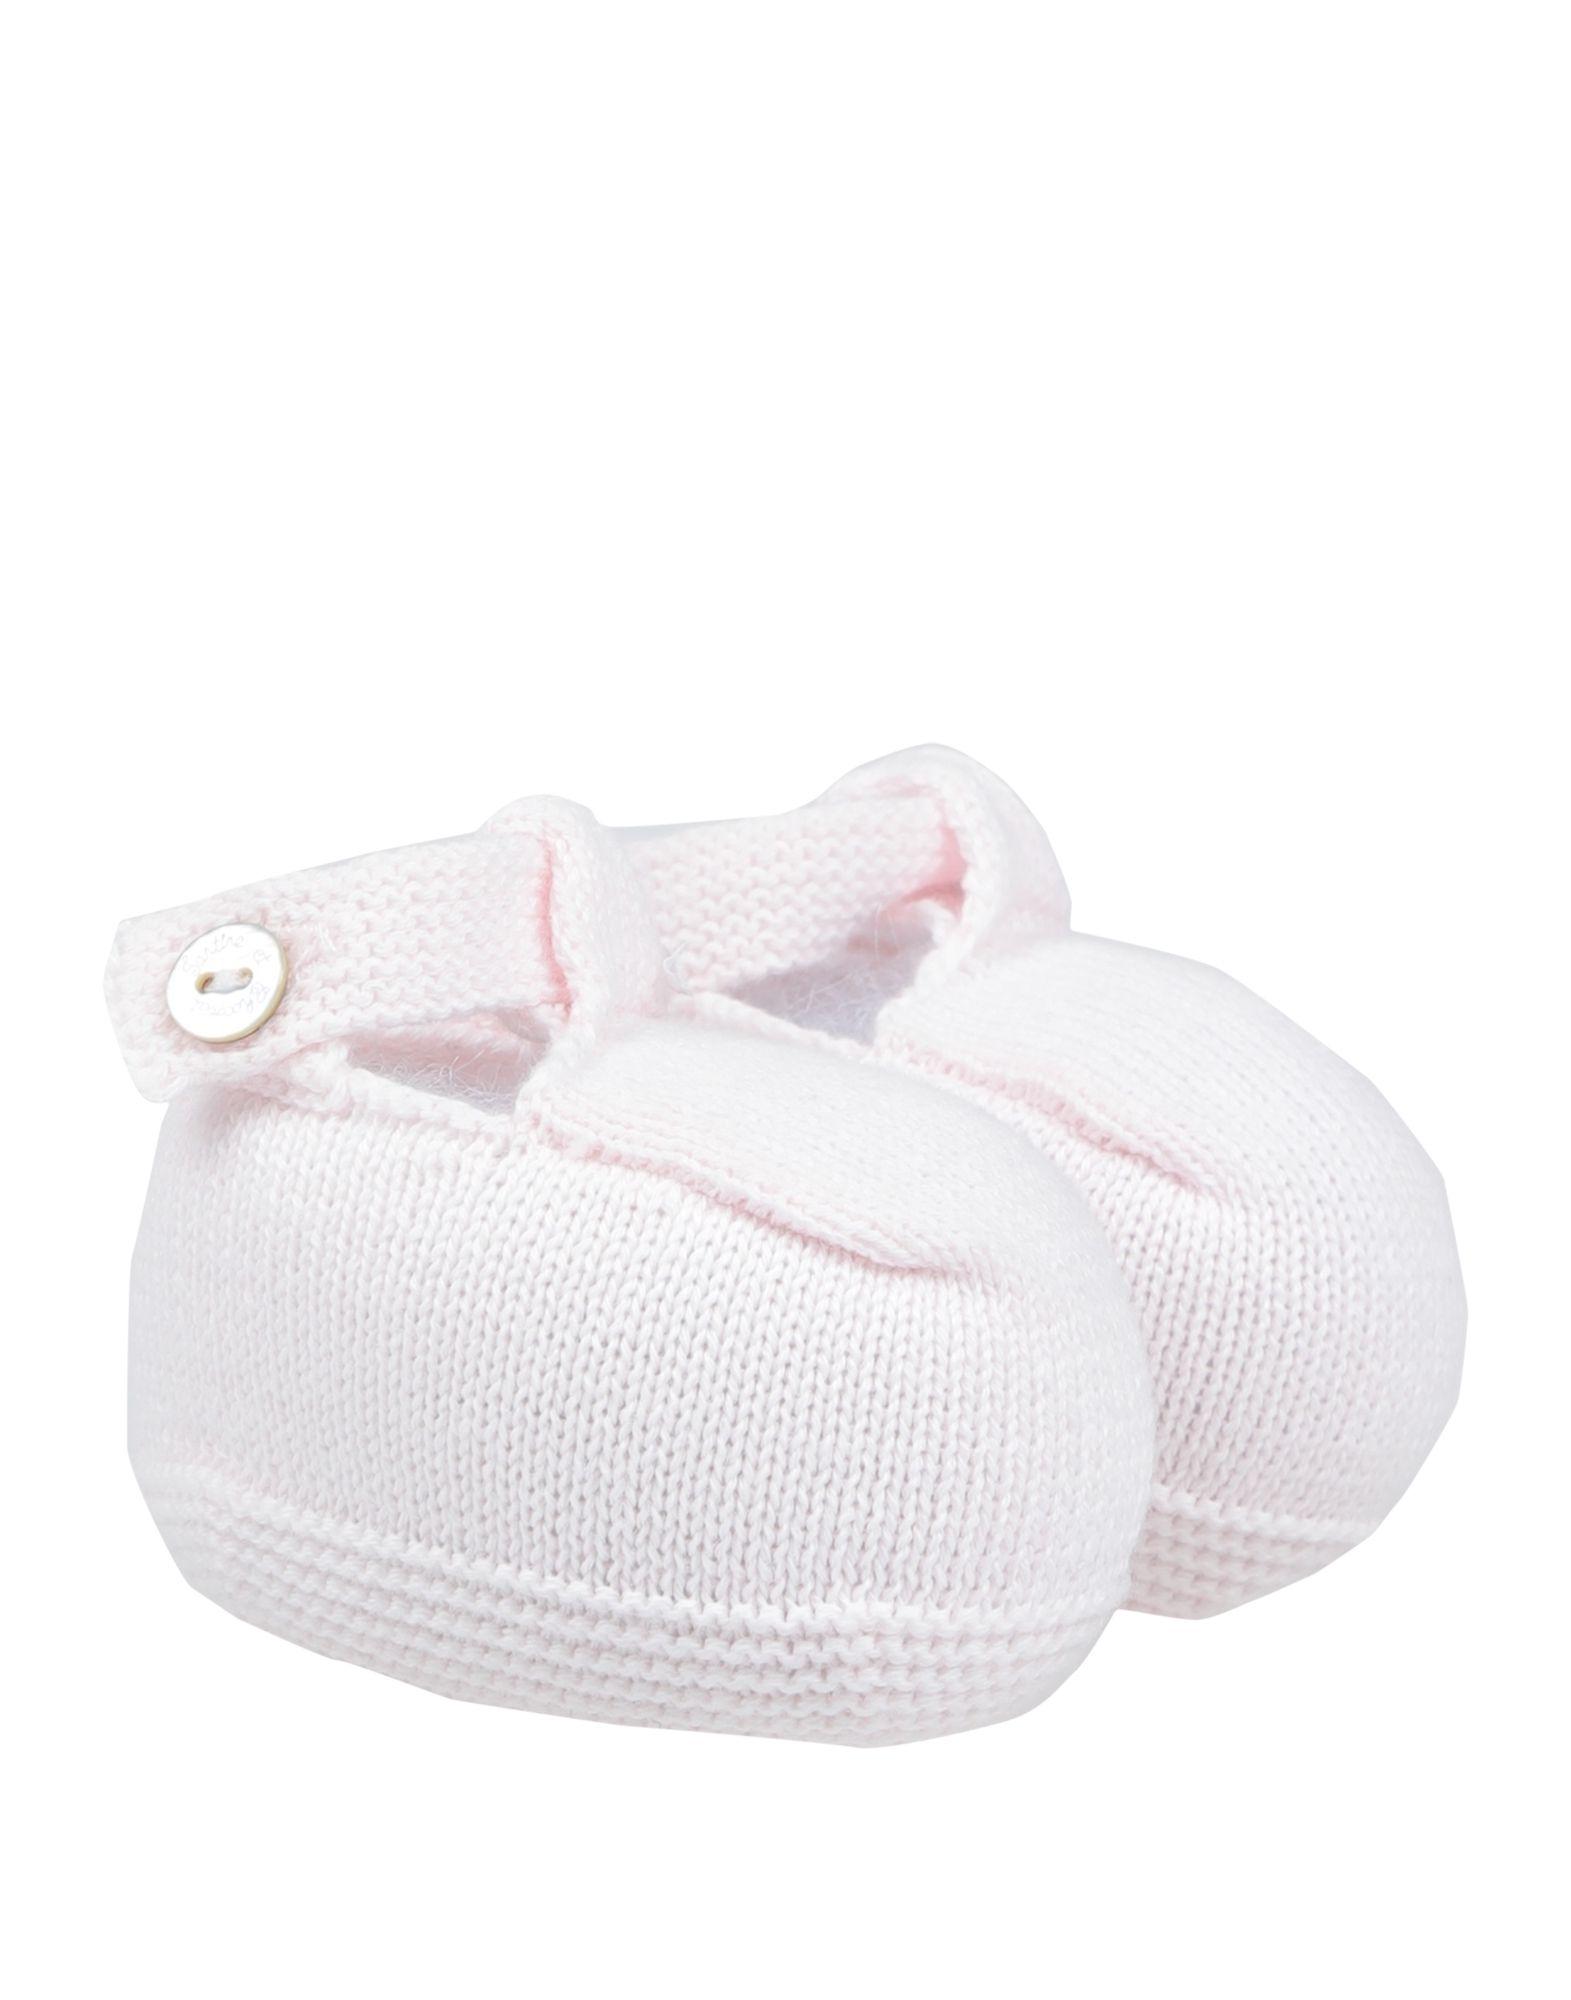 TARTINE ET CHOCOLAT Обувь для новорожденных для новорожденных в роддом